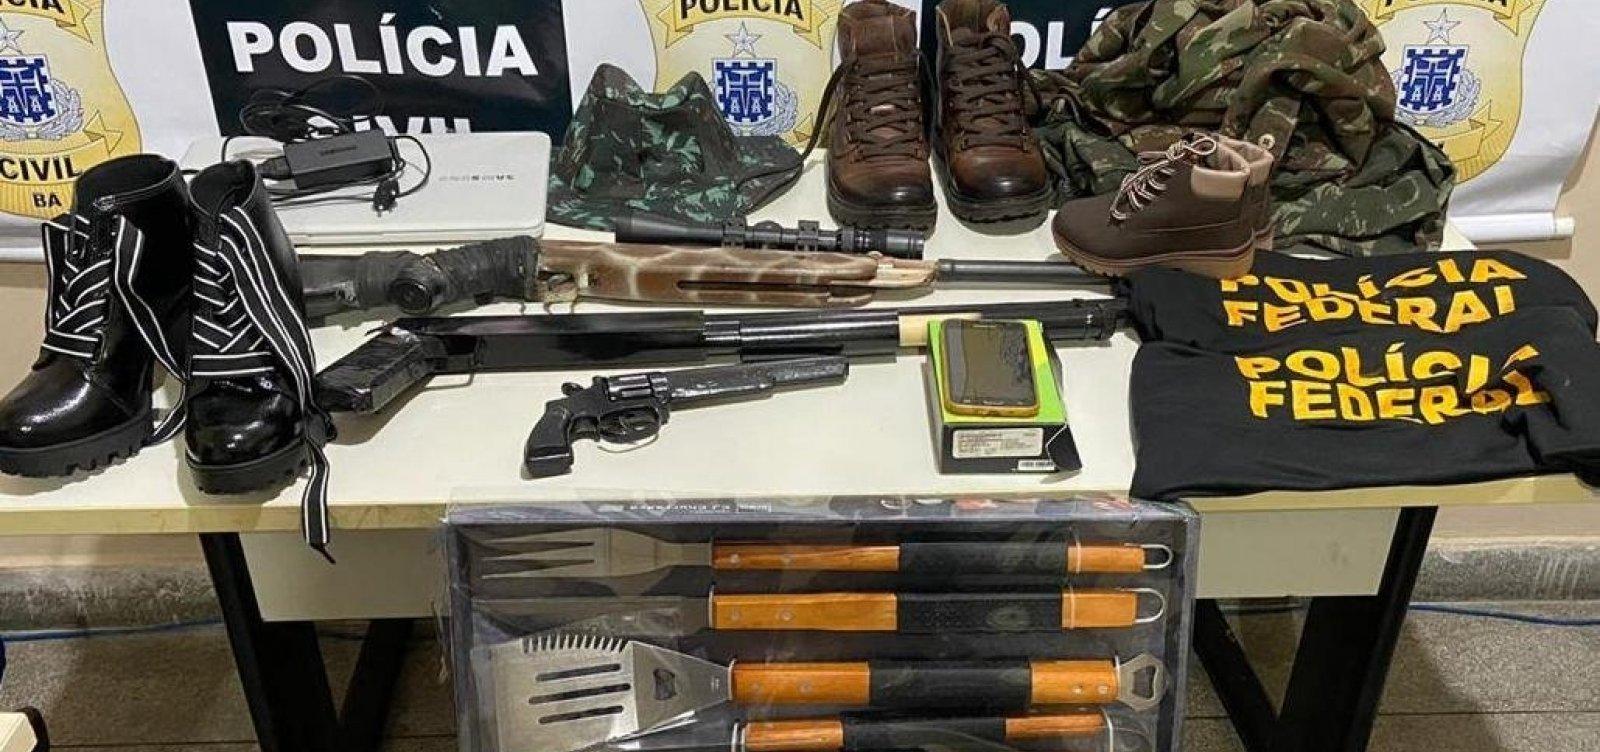 Falso delegado da Polícia Federal é preso em Paulo Afonso